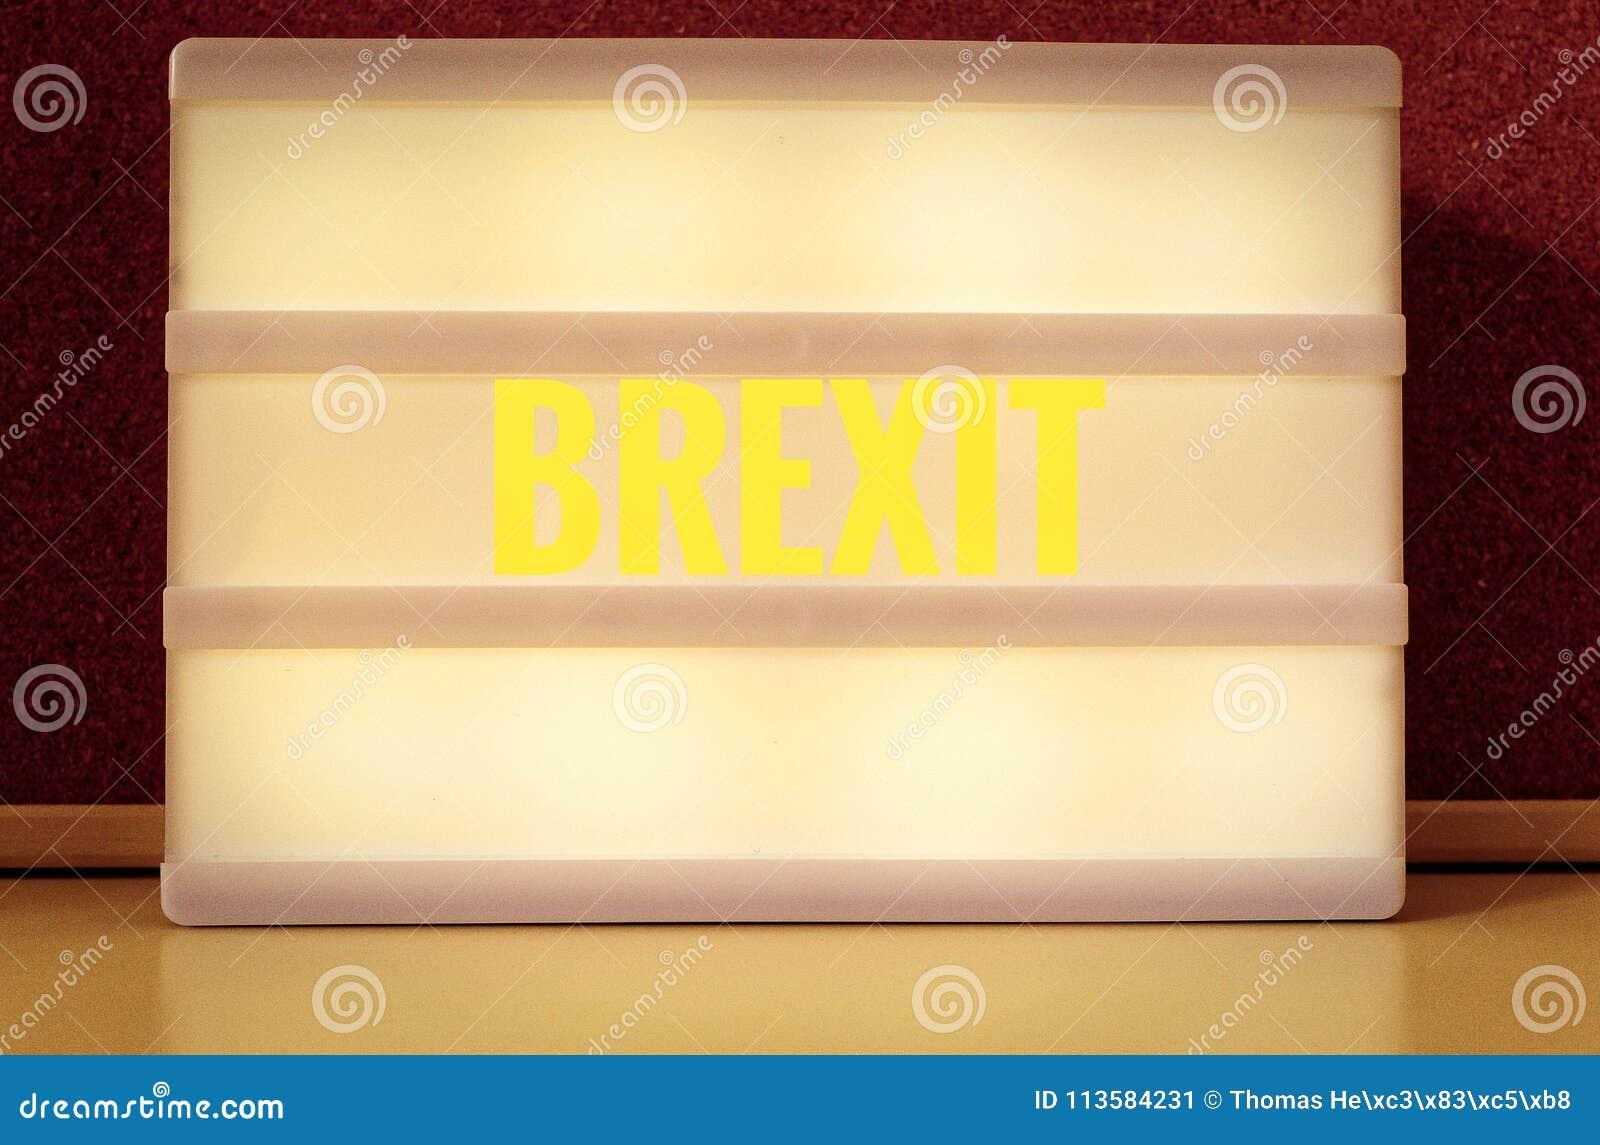 Segno luminoso con l iscrizione in tedesco Brexit, simbolizzante il ritiro della Gran Bretagna dall UE